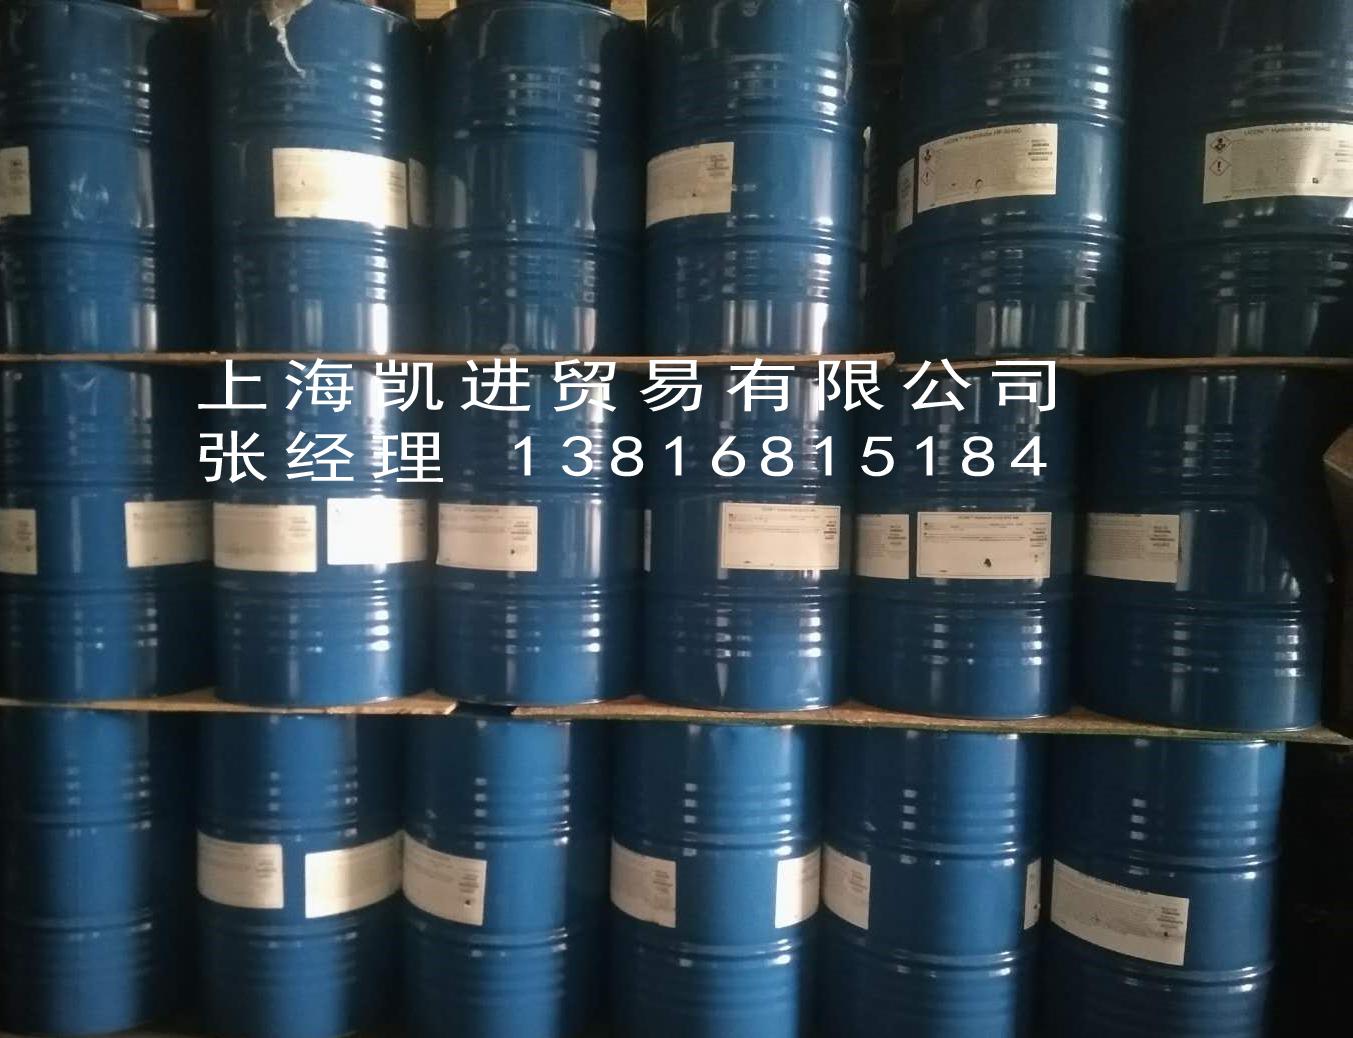 陶氏优康UCON Compressor Lubricant R-4压缩机油